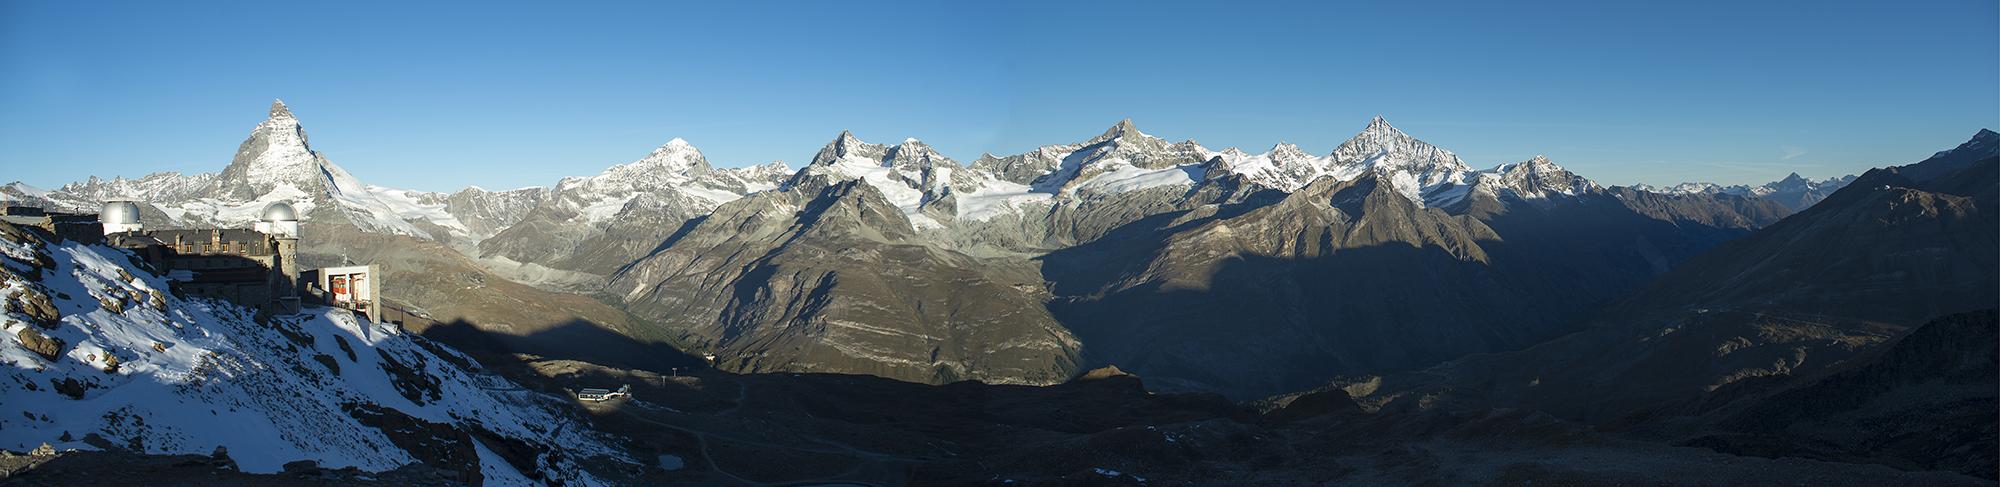 Matterhorn 4478 m ü.M., umgeben von vielen Viertausendern